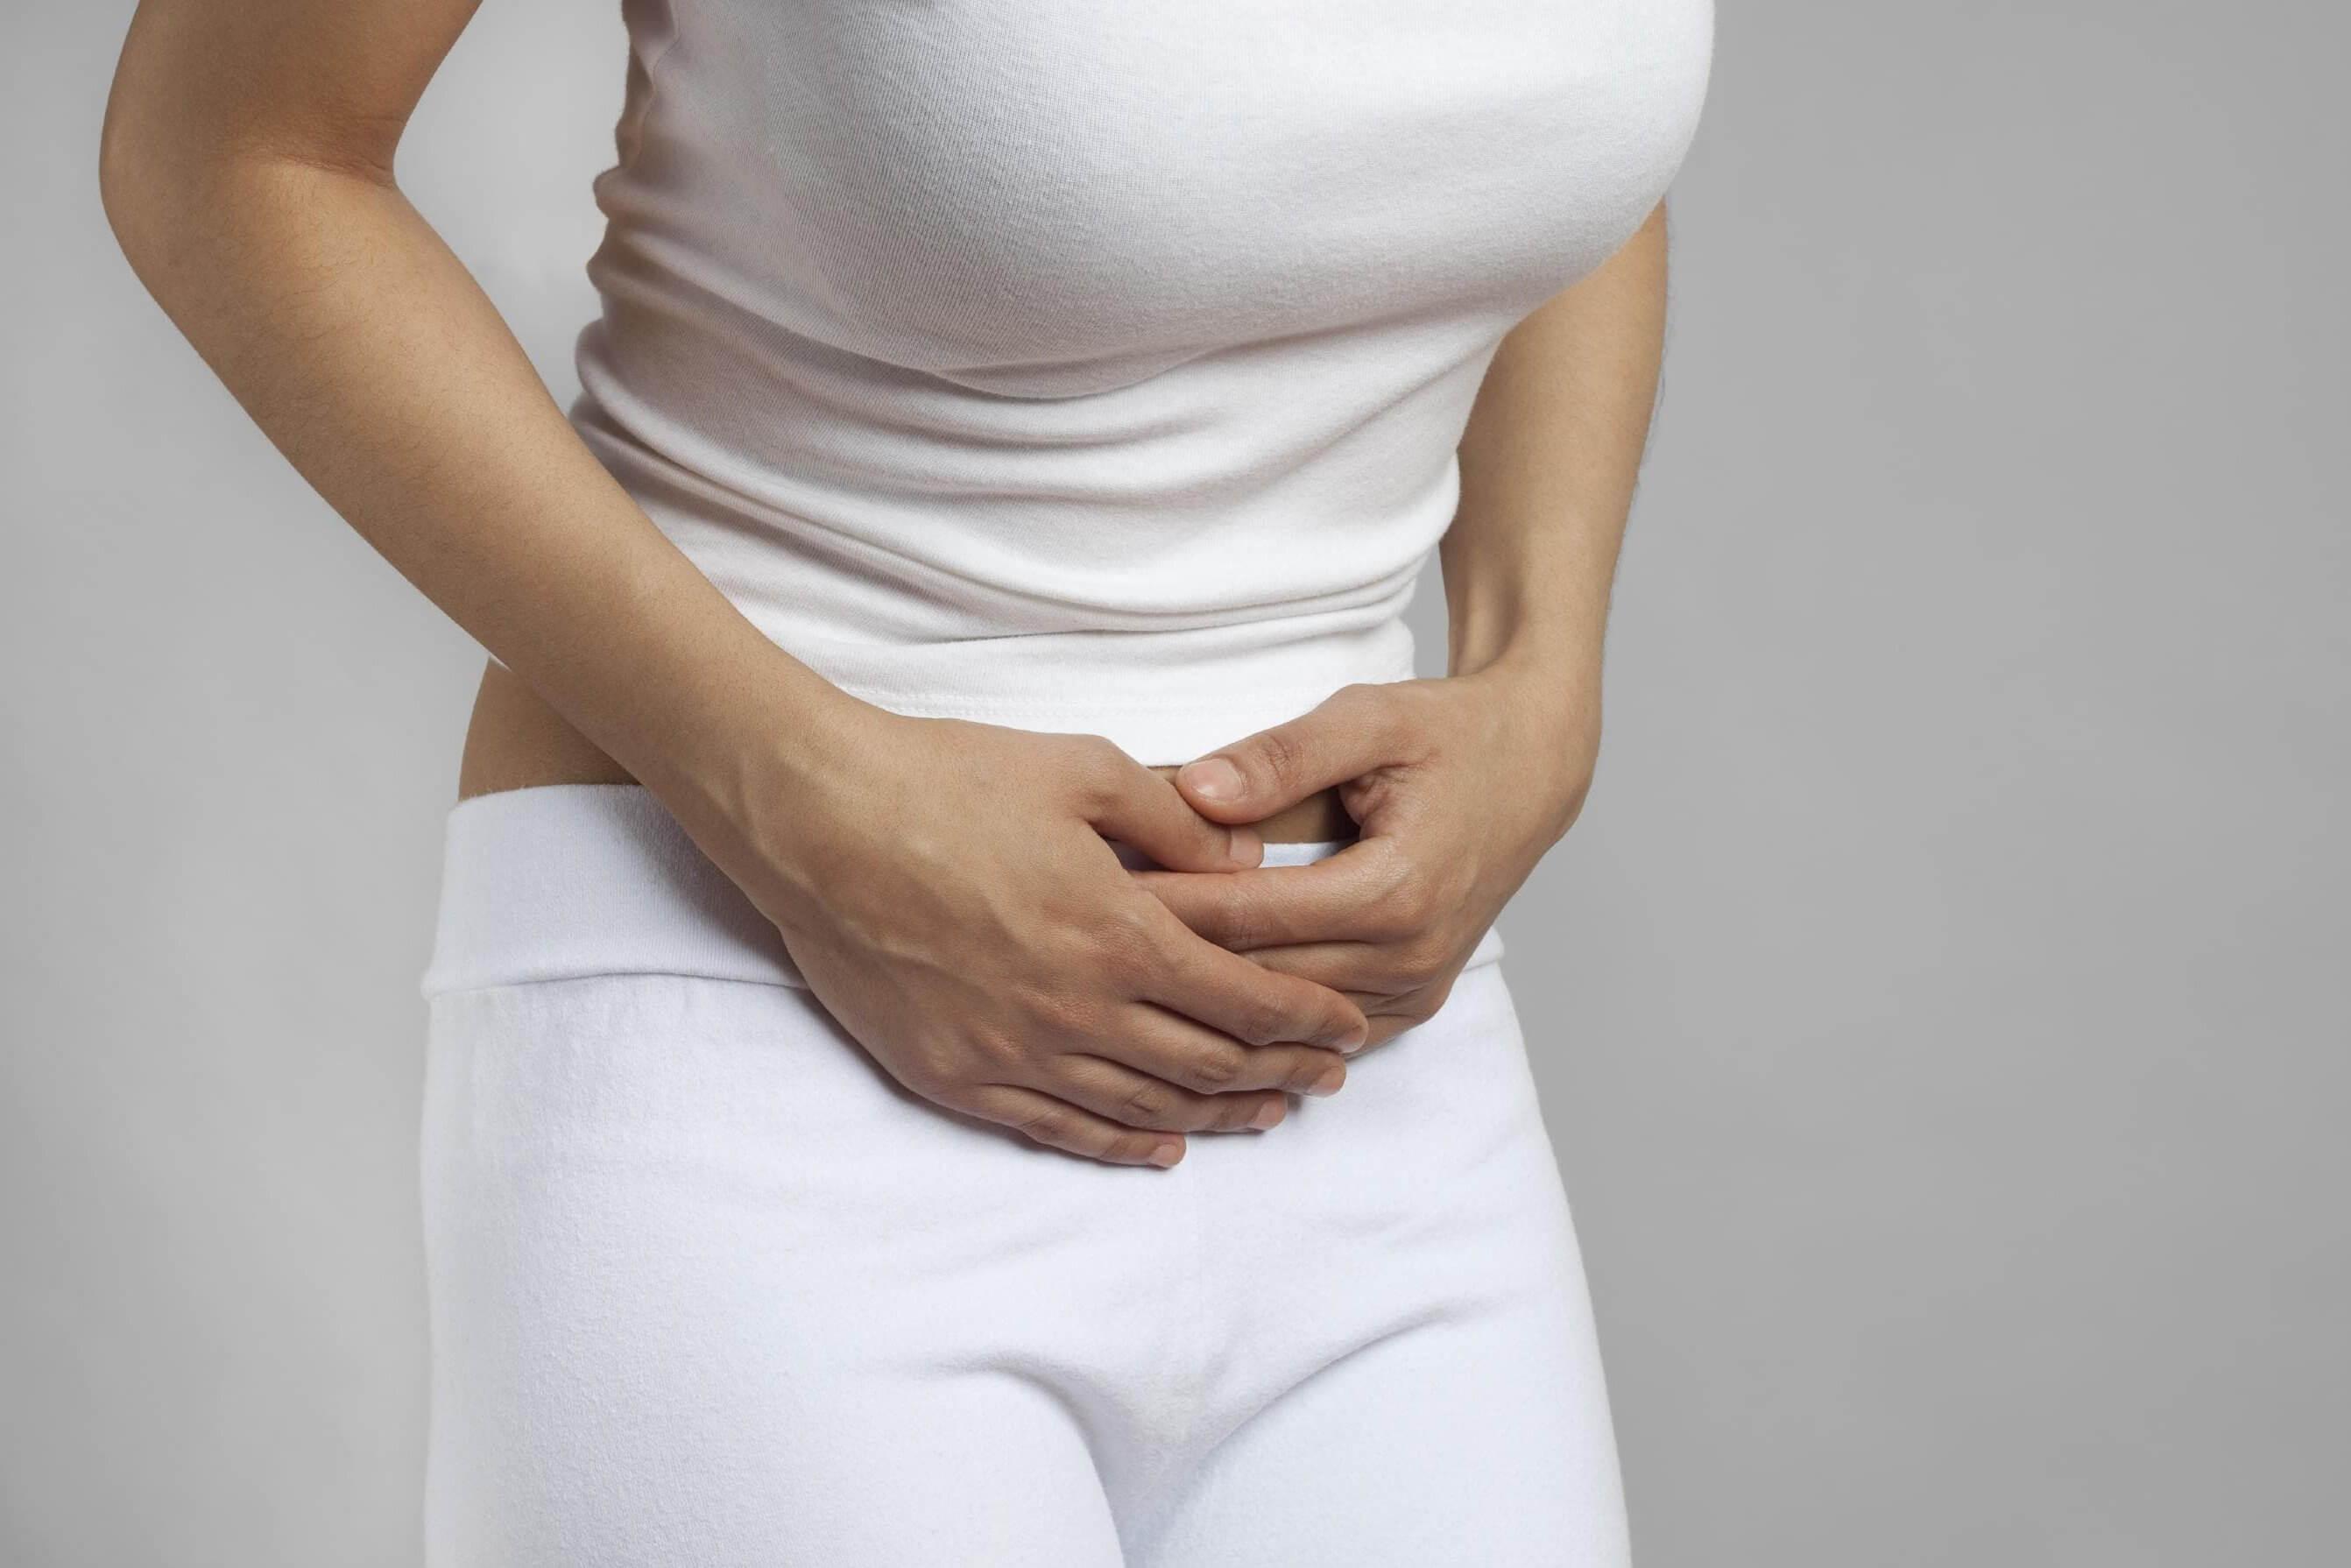 На какой день менструального цикла нужно делать УЗИ малого таза?